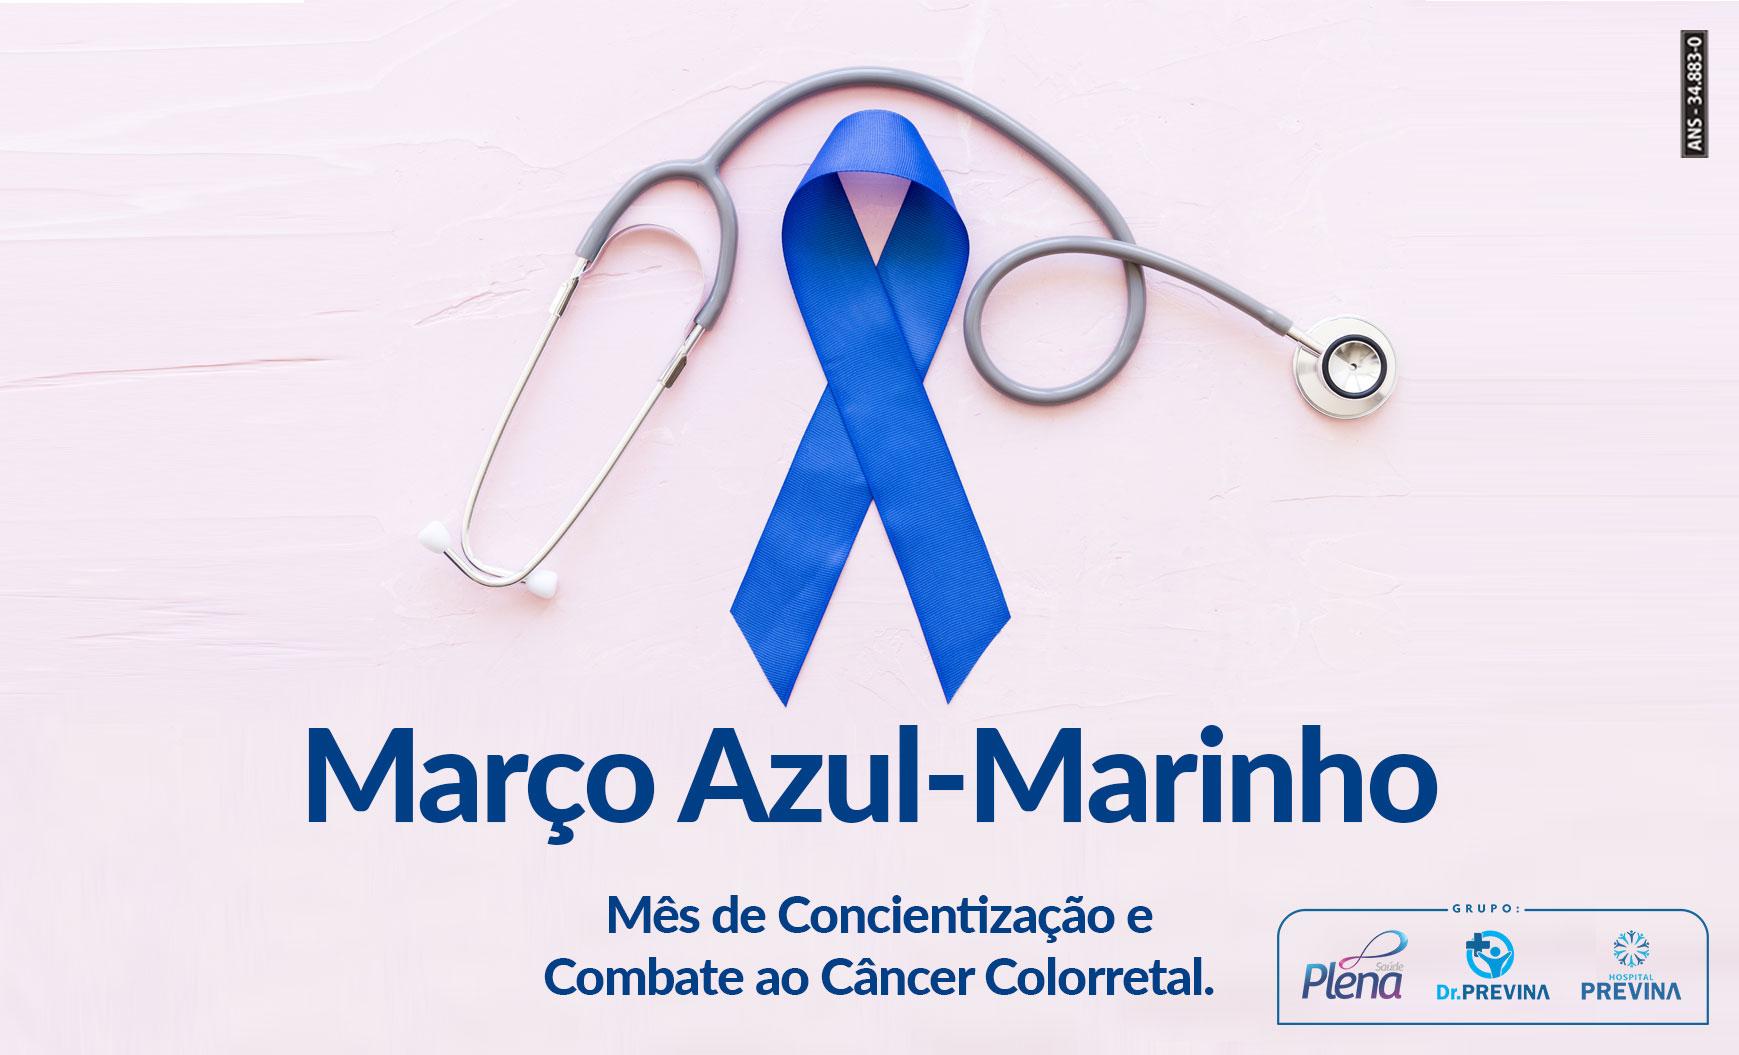 Março Azul-Marinho Mês de Conscientização e Combate ao Câncer Colorretal